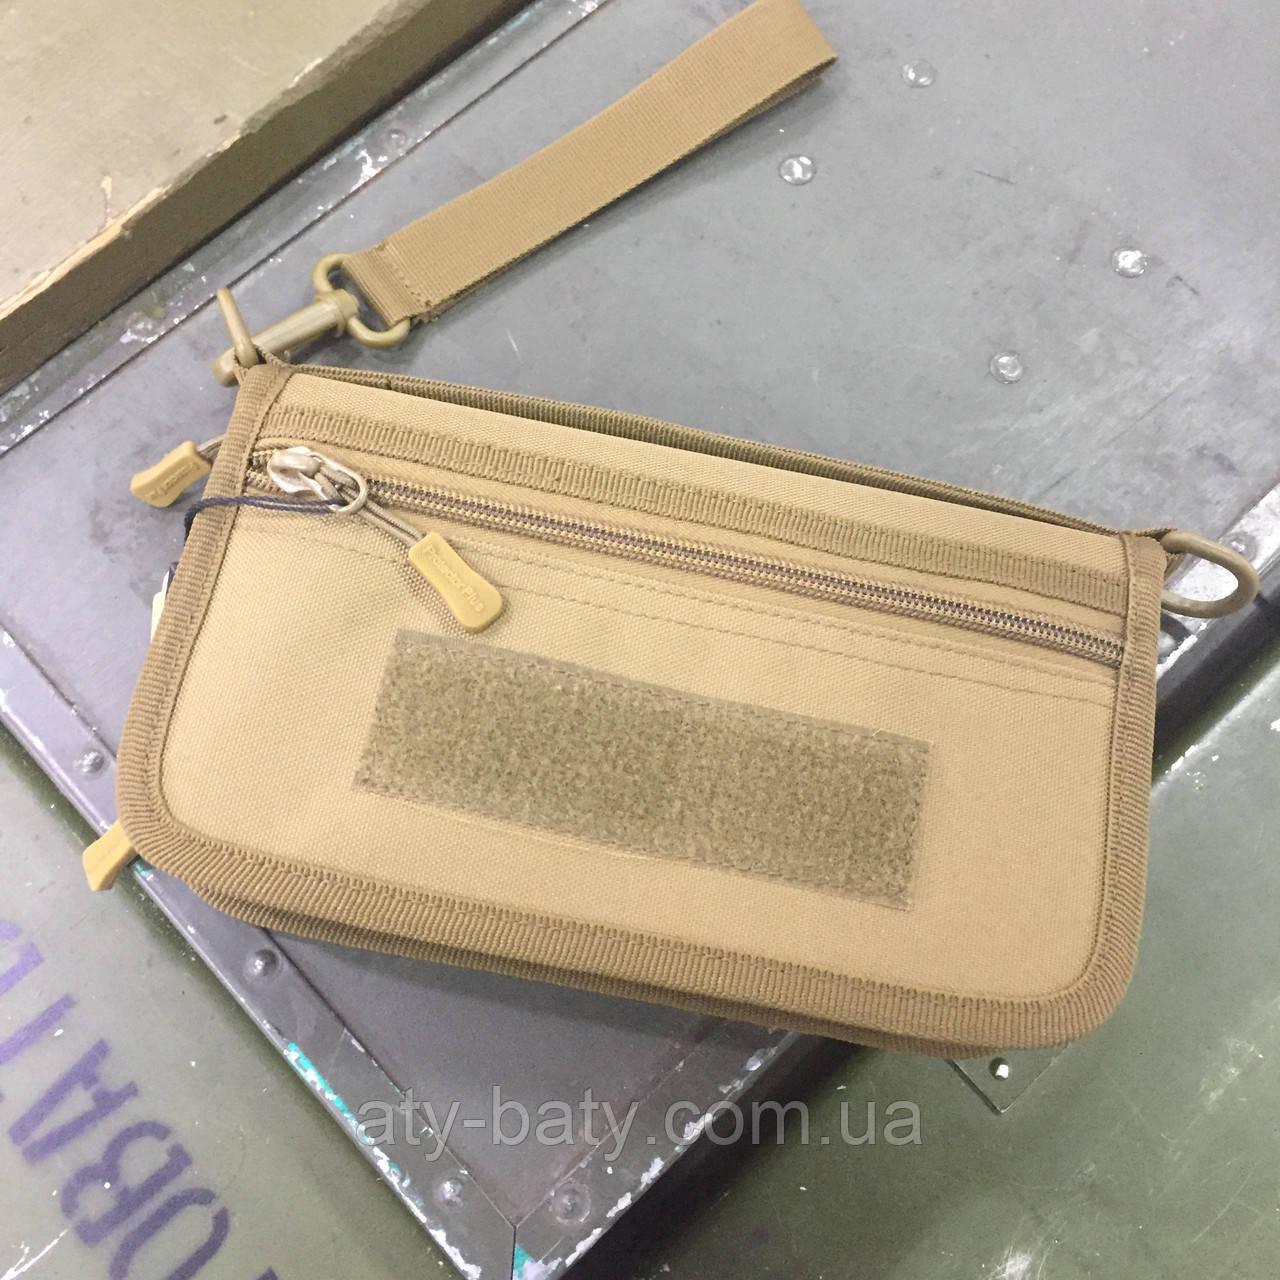 Тактическая сумка-барсетка Protector Plus A013 (Coyote)